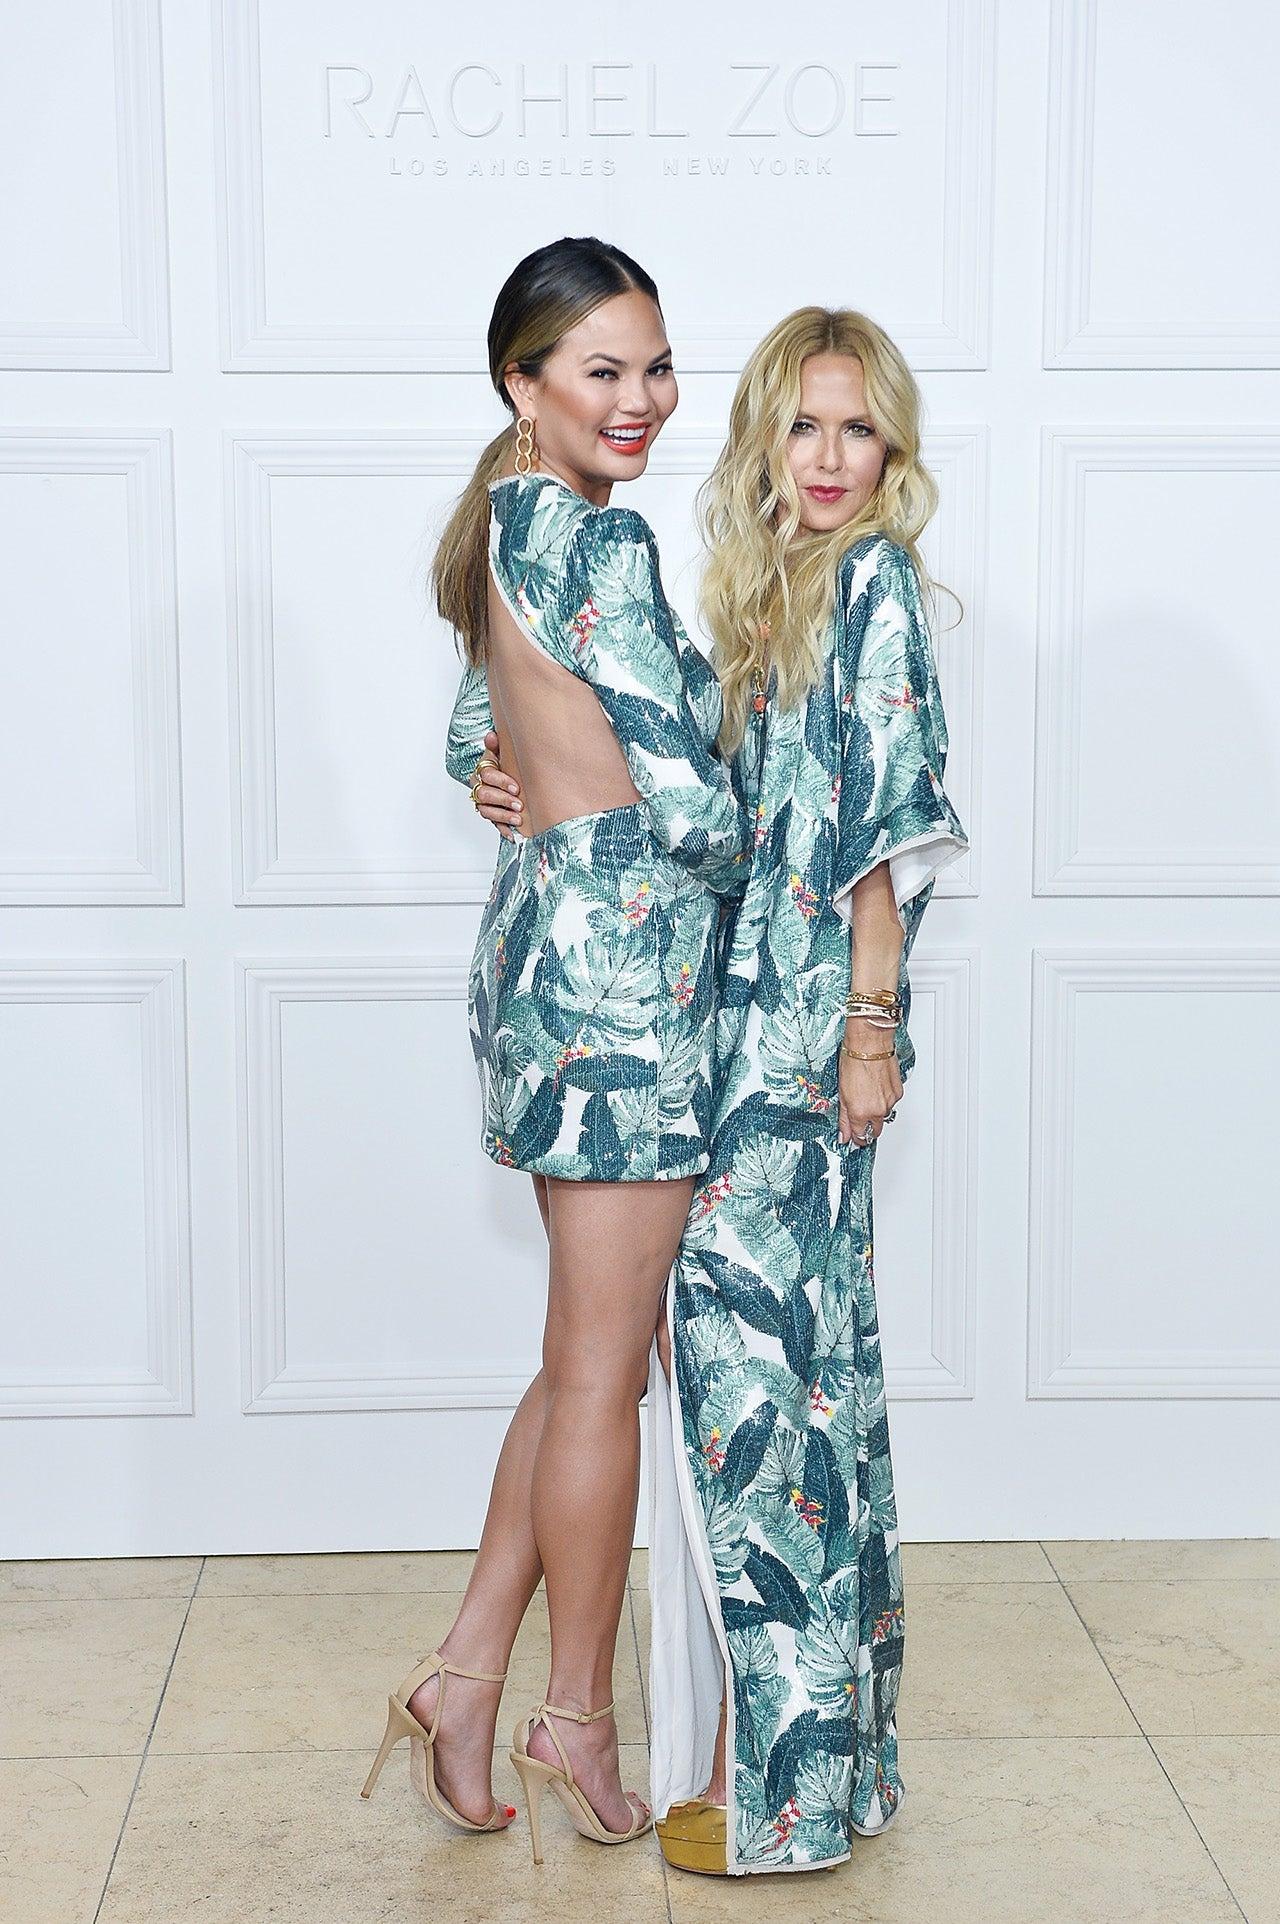 Chrissy Teigen Attends Rachel Zoe S Fashion Show In The